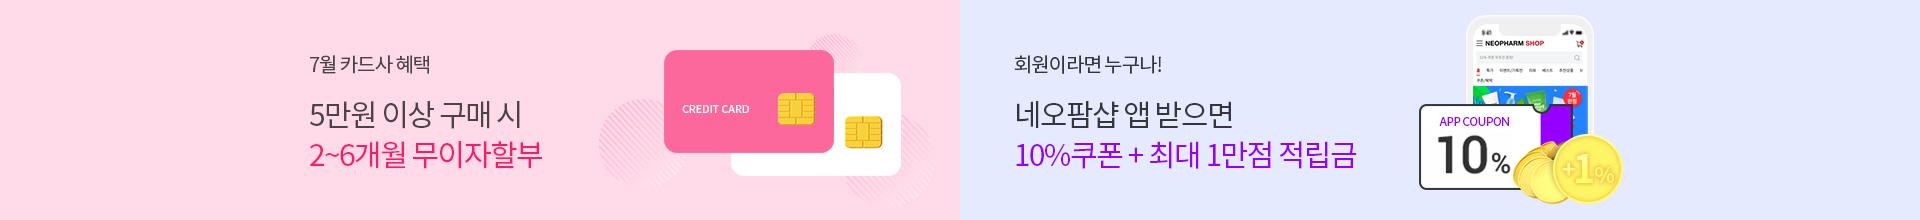 7월_메인 하단 띠배너(카드사/앱 )